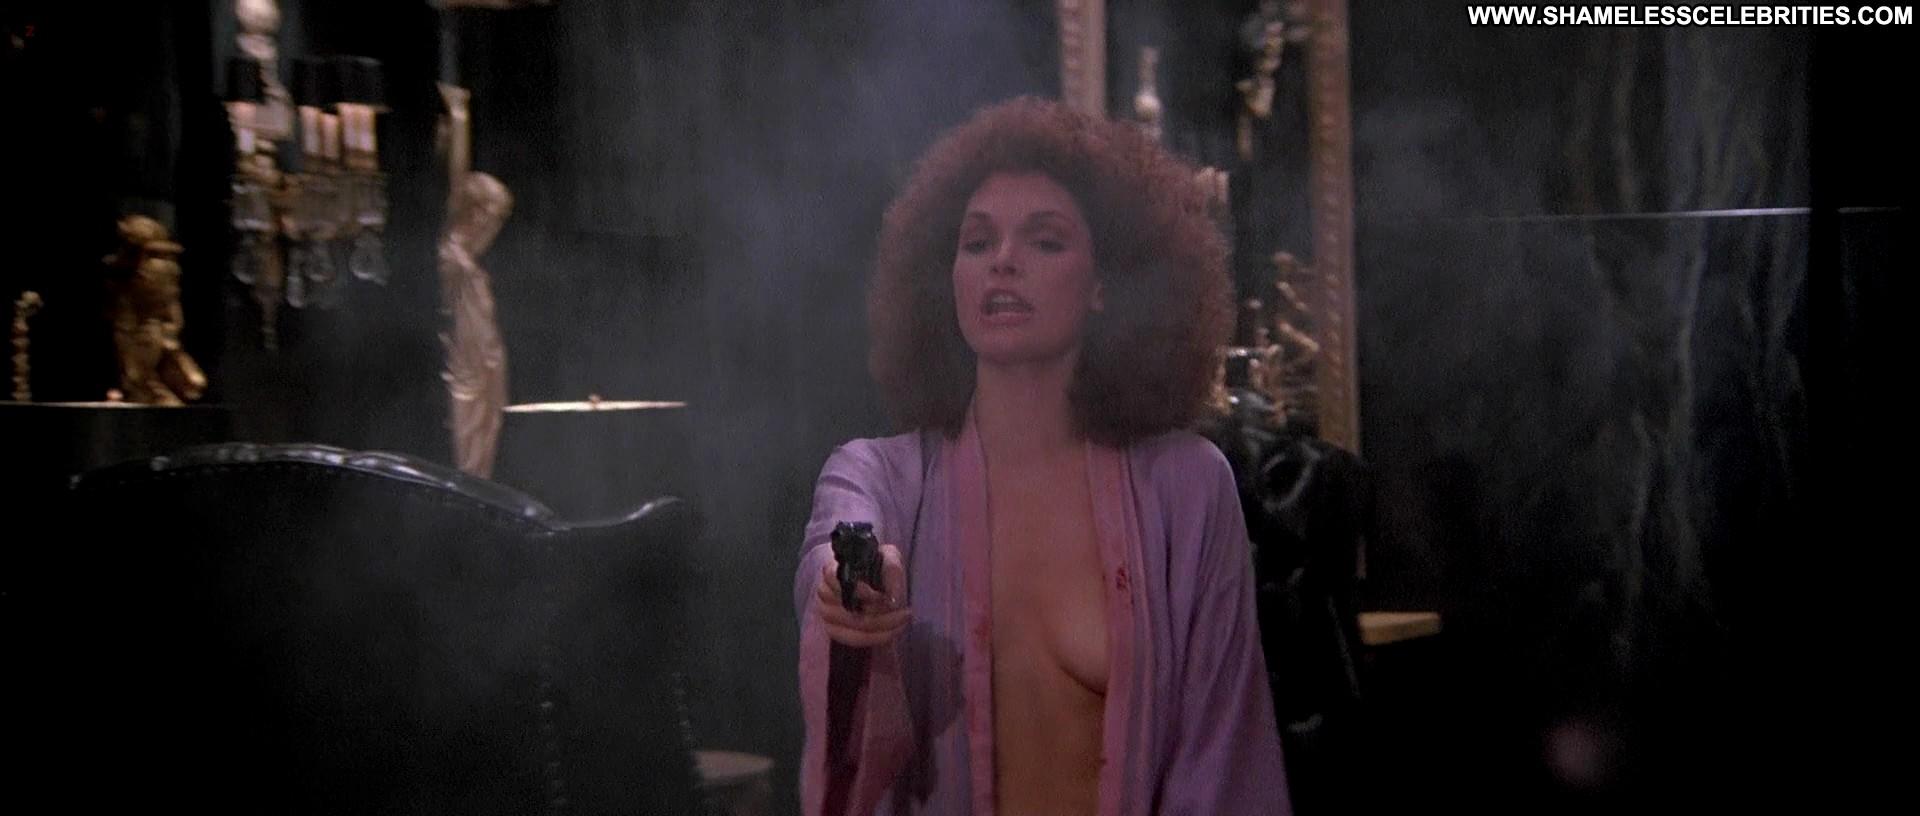 Mary elizabeth mastrantonio nude topless in